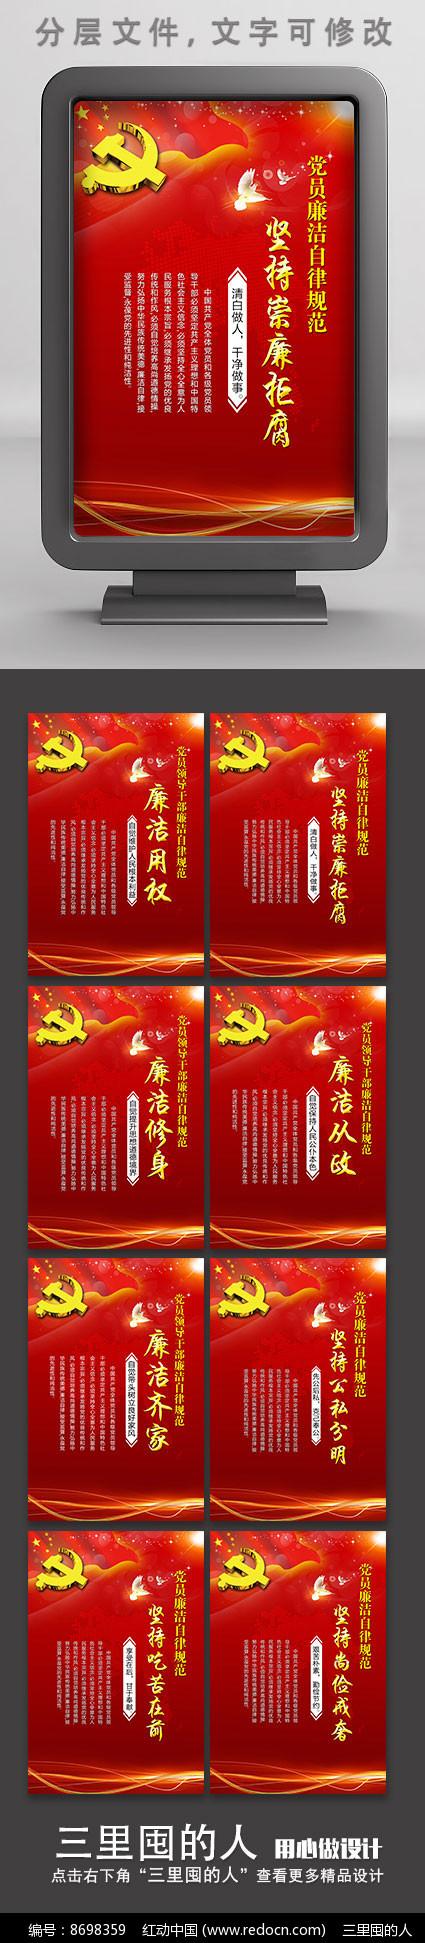 十一党建红色展板图片